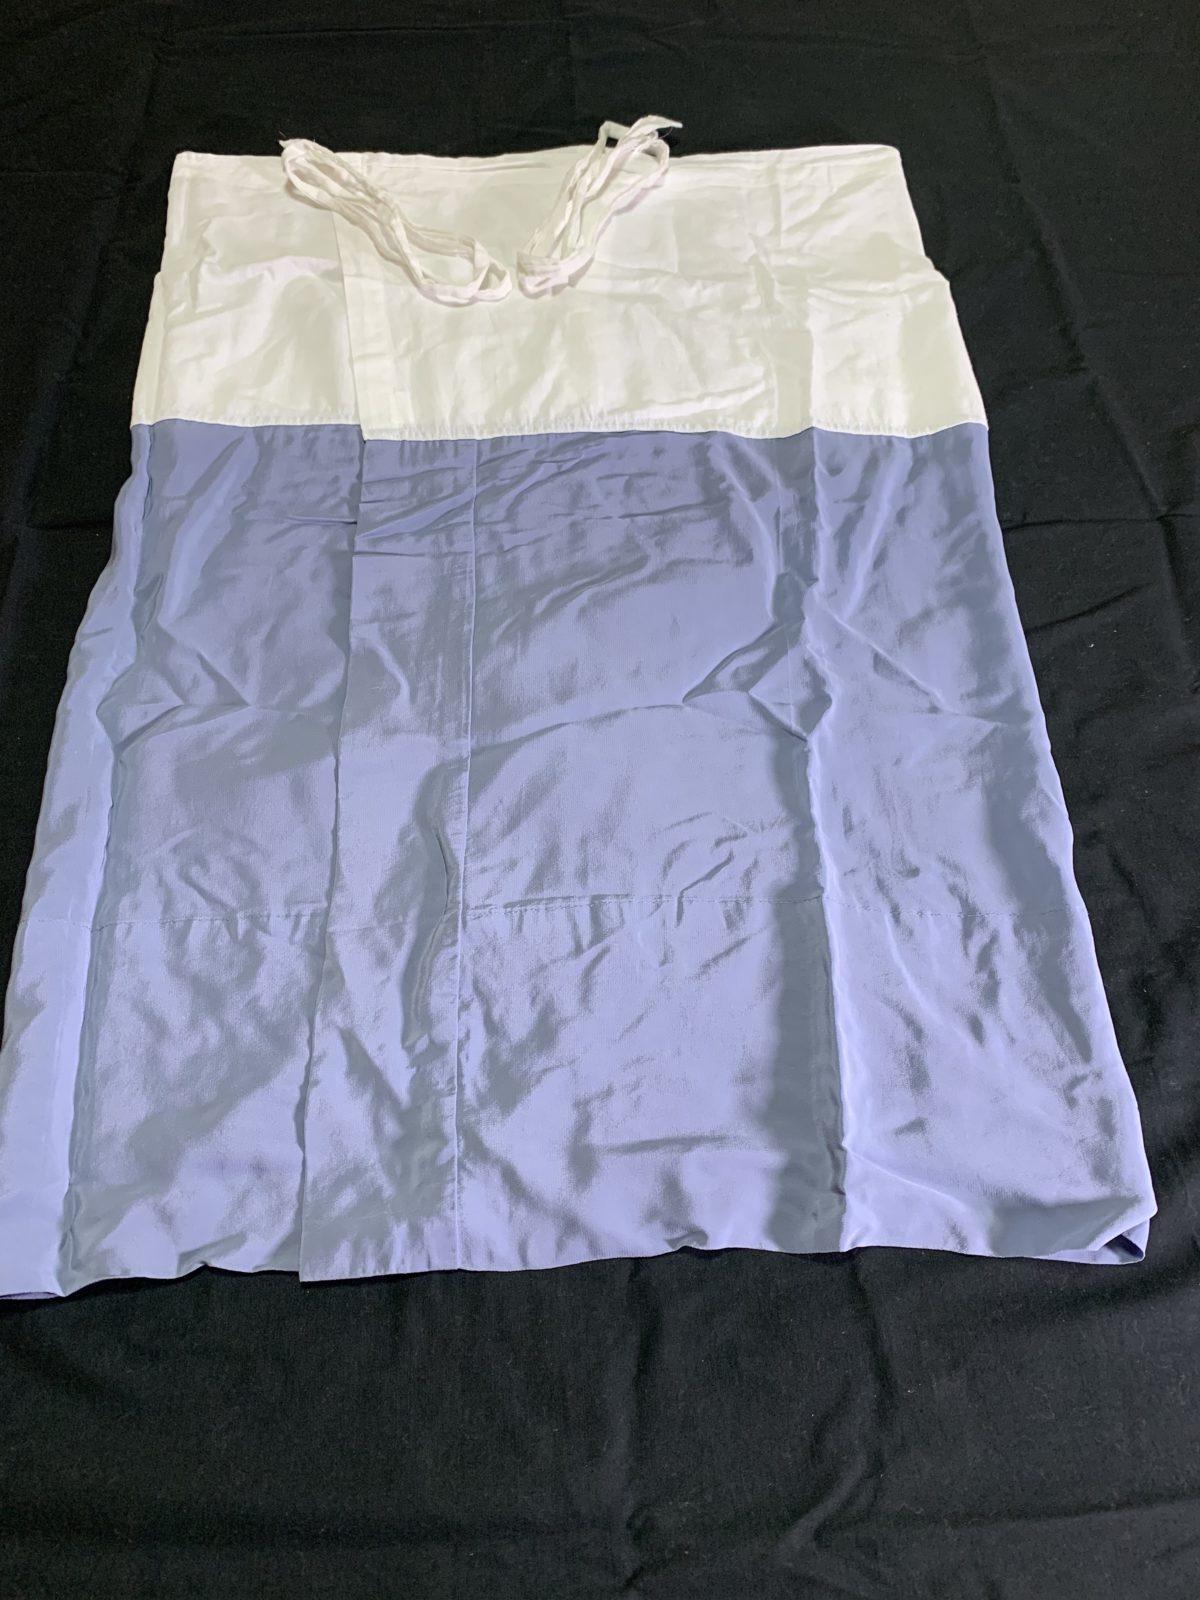 男の和服,メンズ着物,狐面,日本,裏着物,浴衣,和,文化,裾除け,